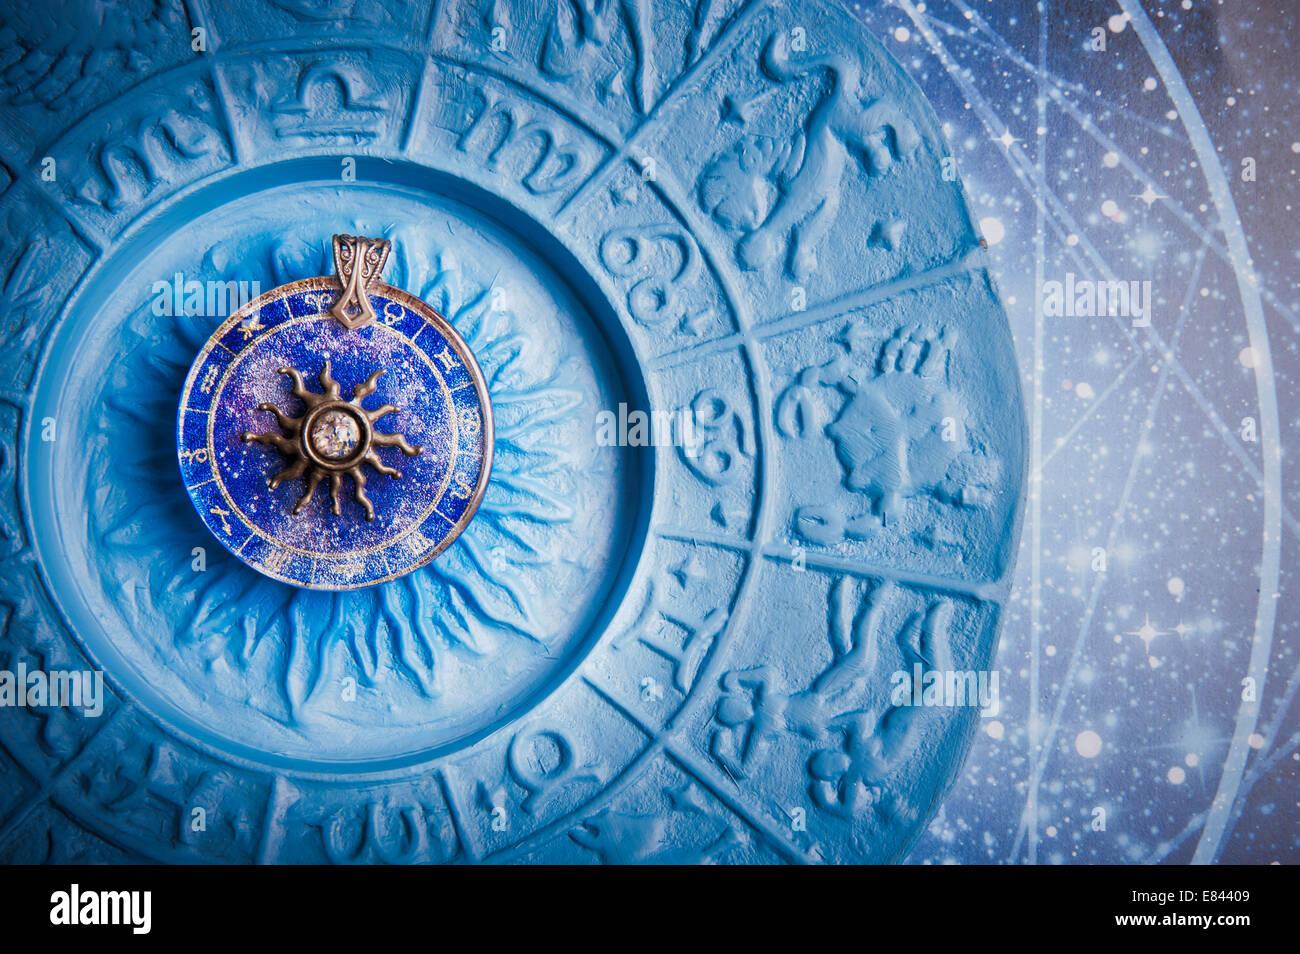 Horoscope Stars Prediction Symbols Stock Photos & Horoscope